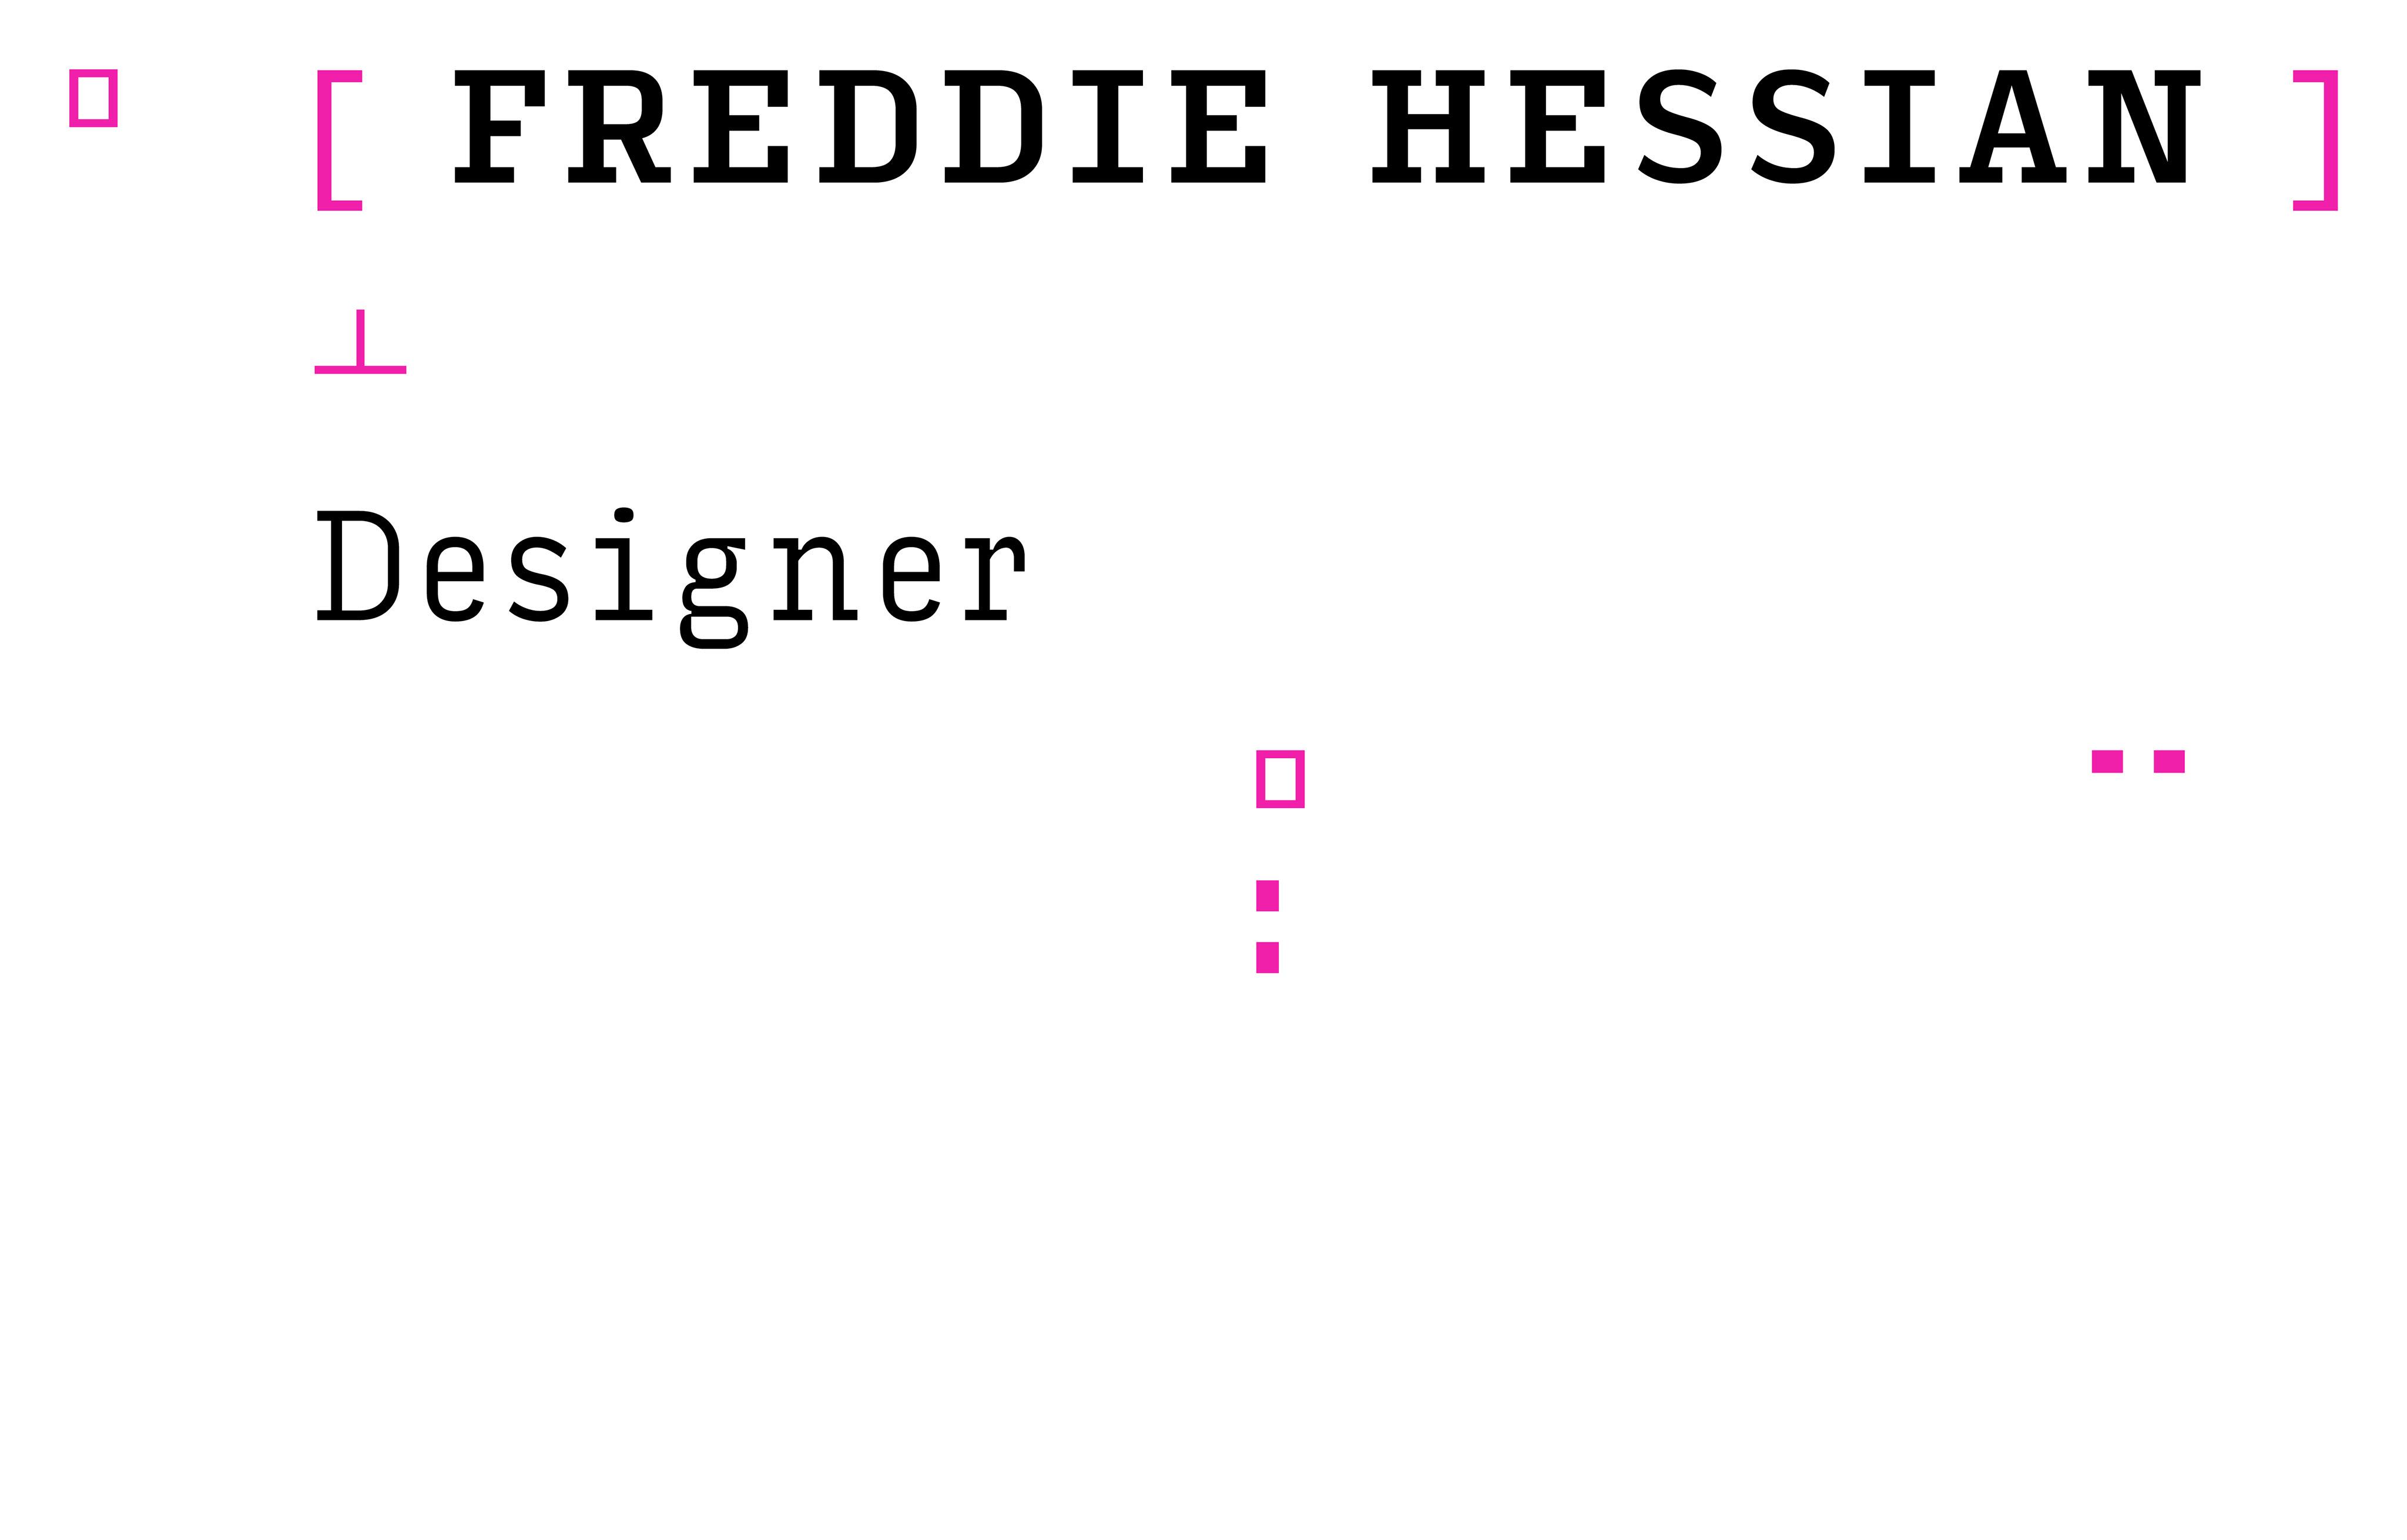 Freddie Hessian